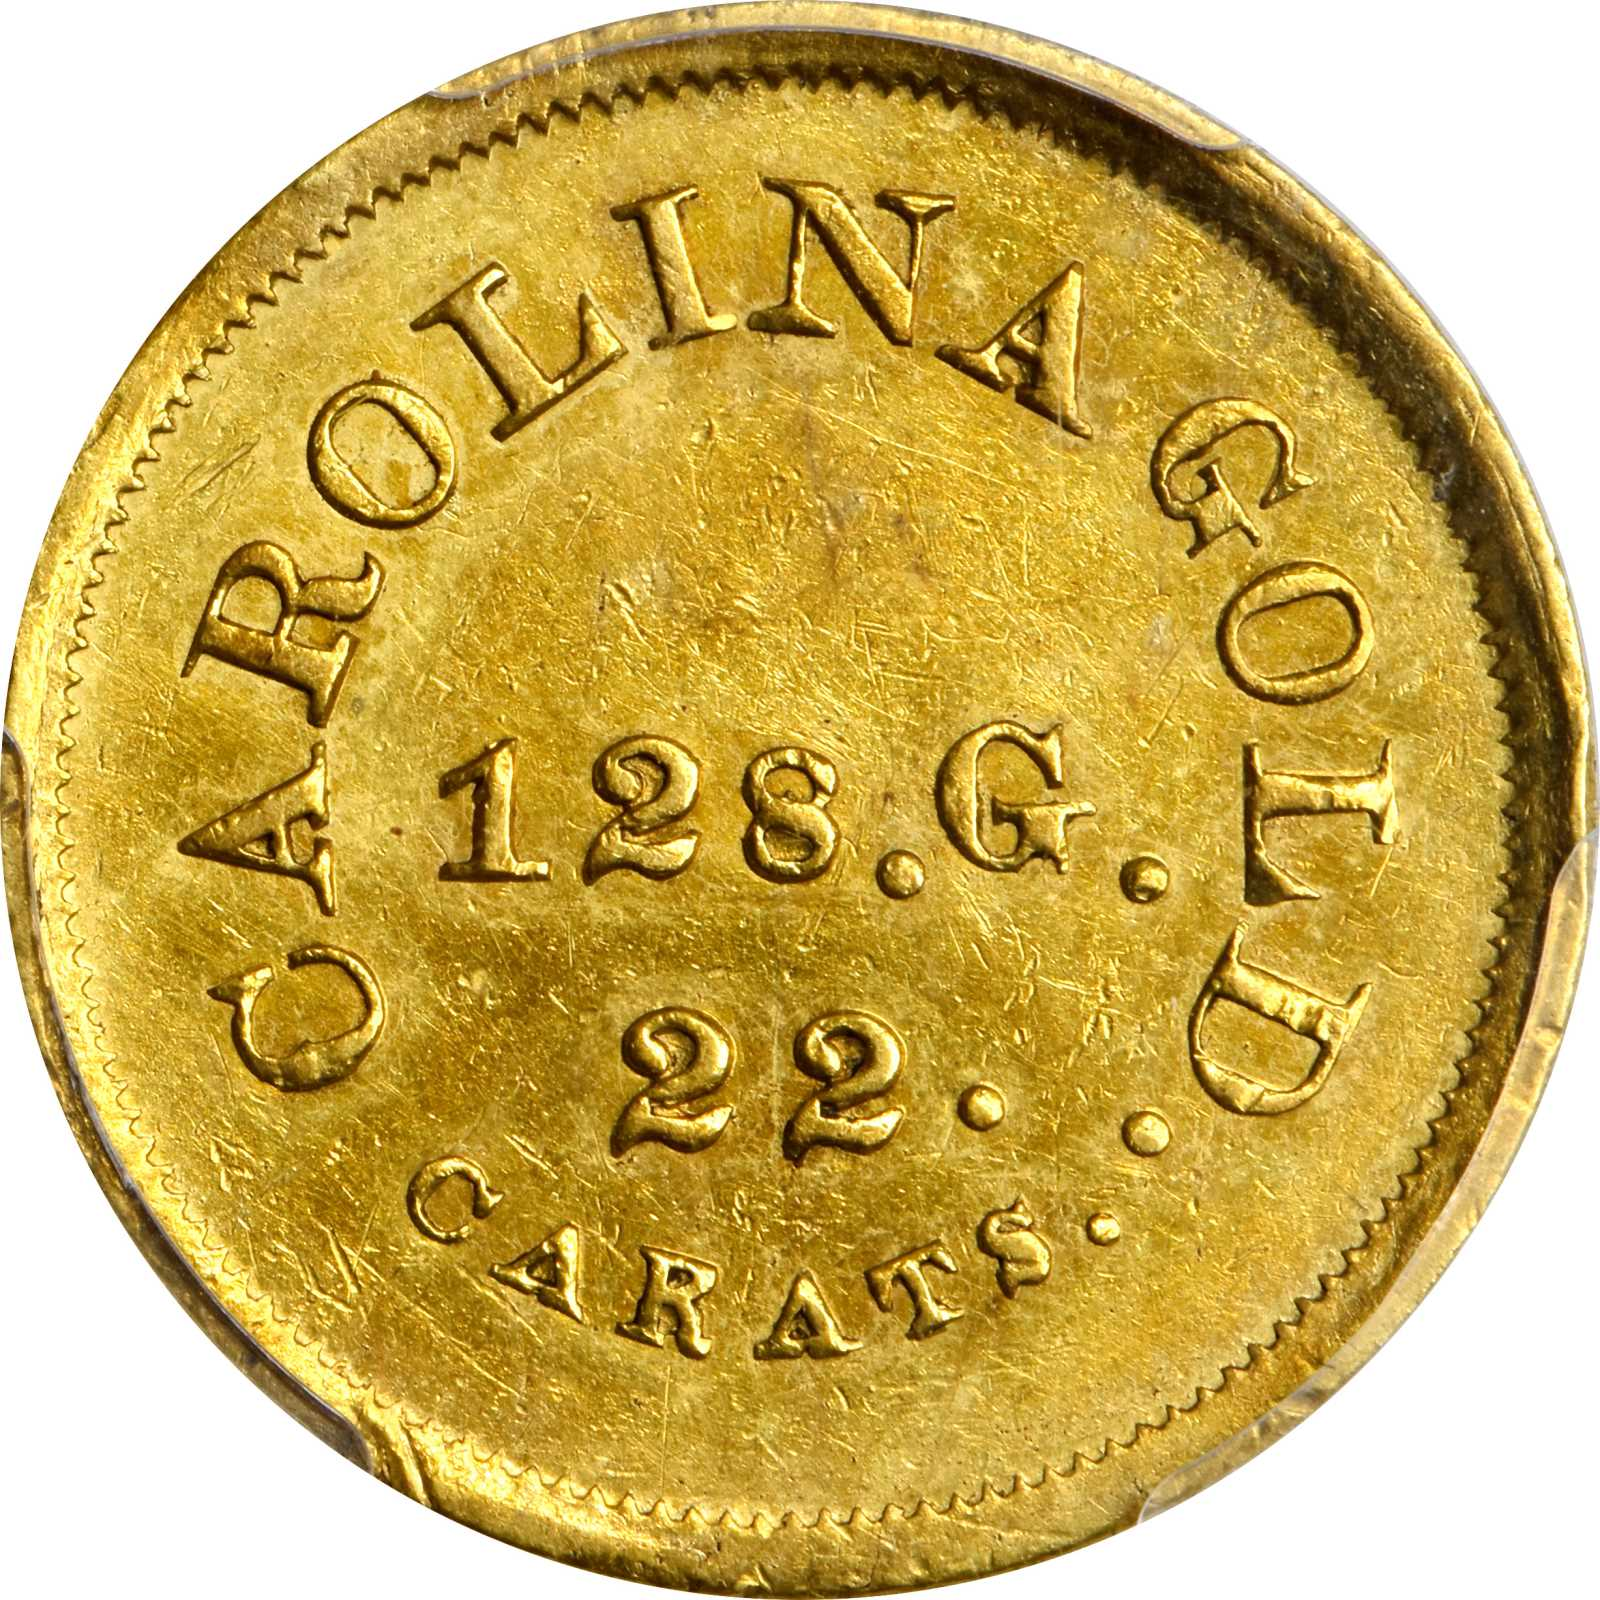 sample image for A.Becht $5 128 GR, 22C (K-28)